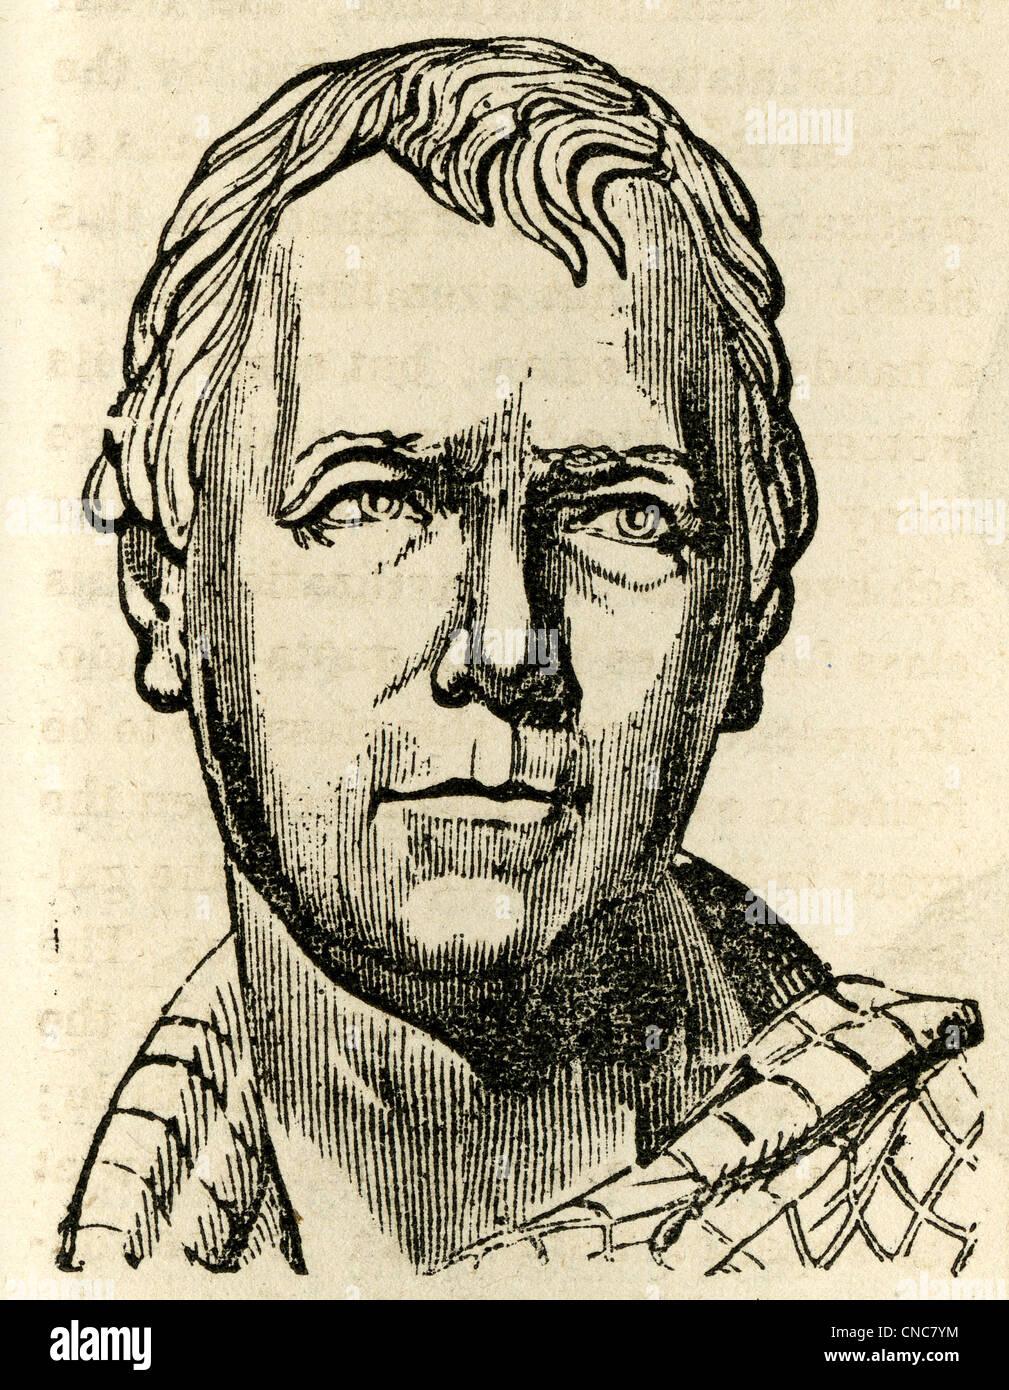 Einfache 1871 Holzschnitt Kupferstich von Sir Walter Scott. Stockbild